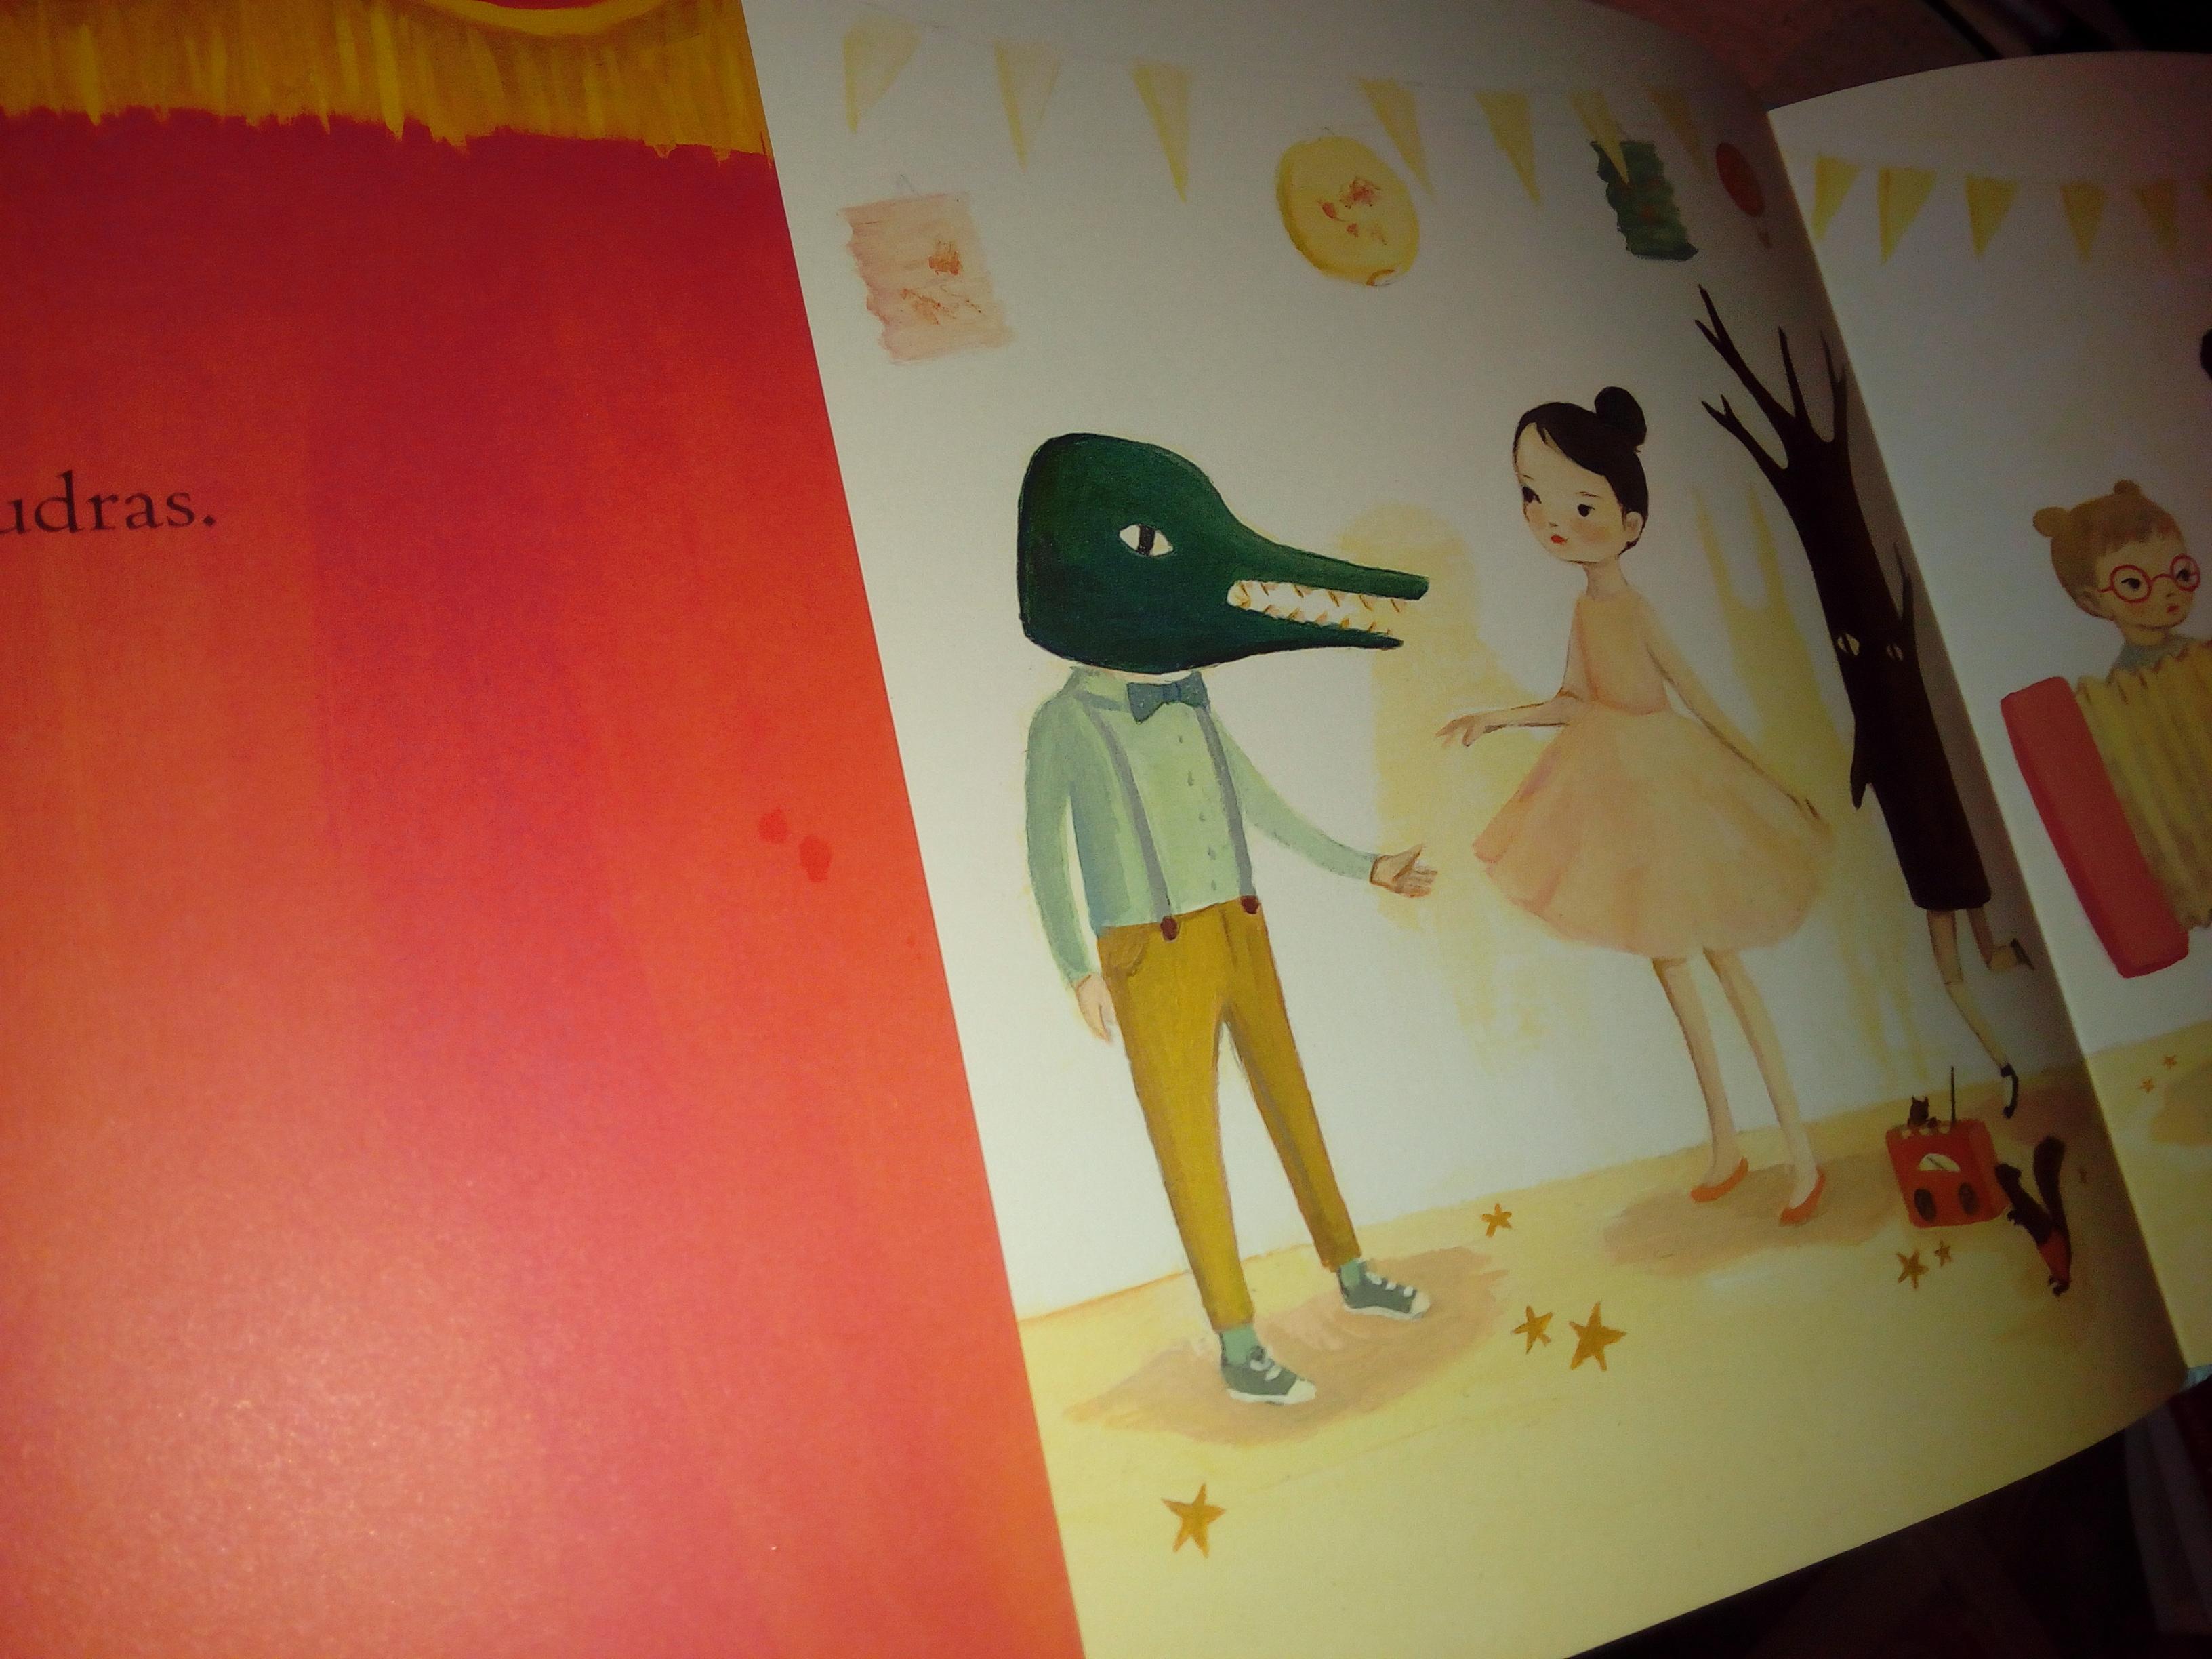 livre montrer amour enfants